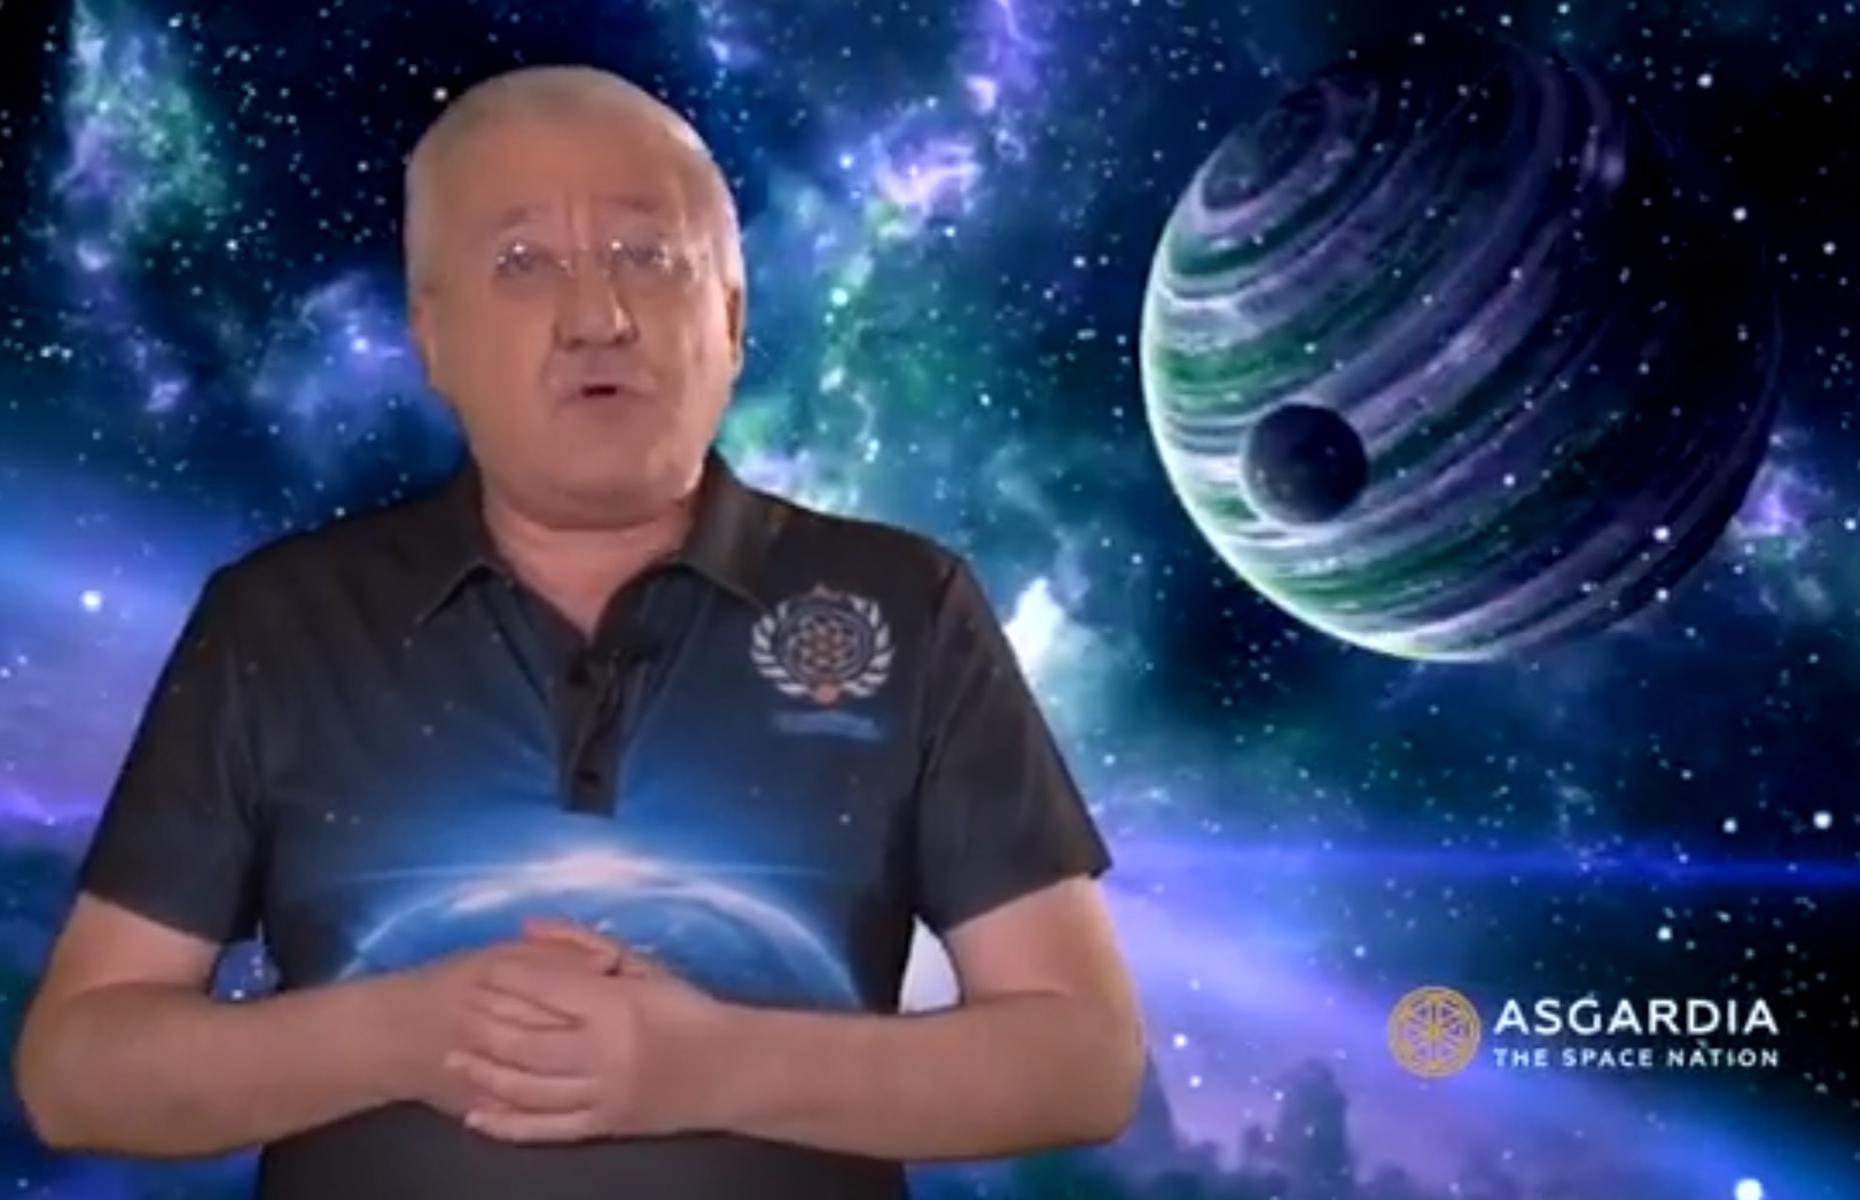 Igor Ashurbeyli, the man behind Asgardia. Image: Asgardia / YouTube